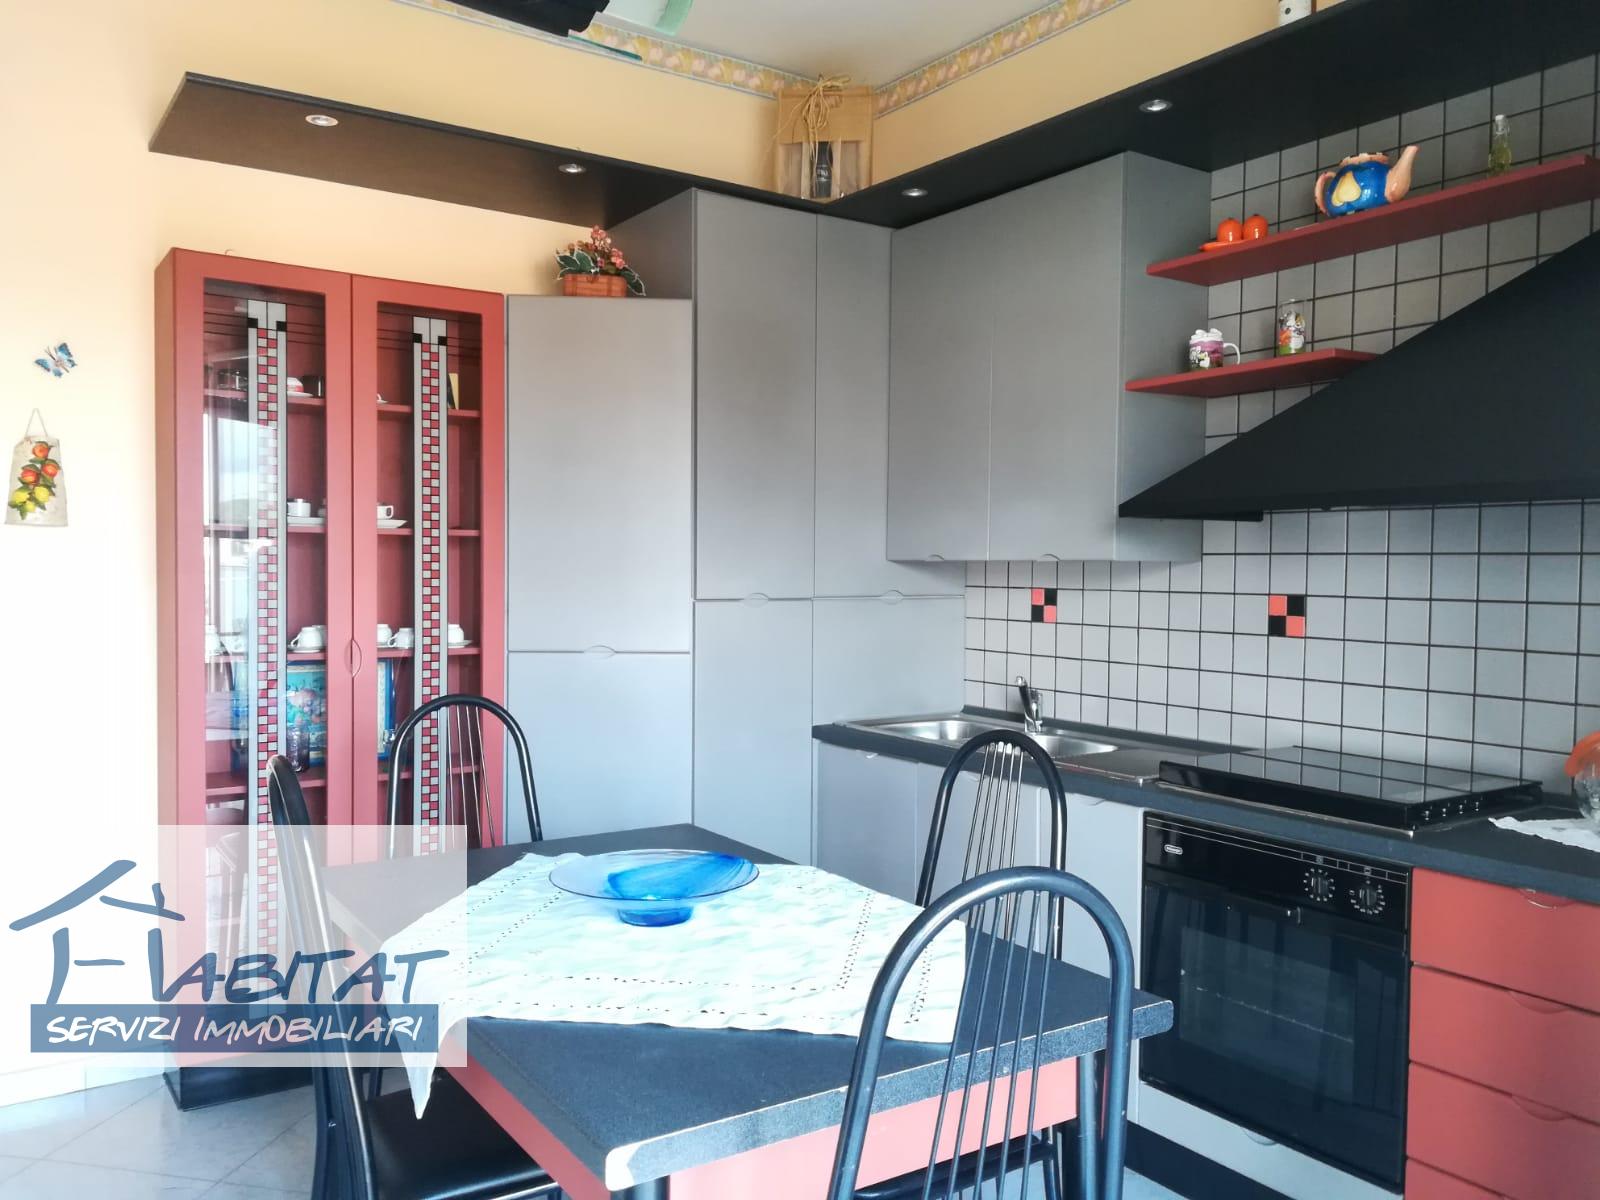 Appartamento in affitto a Villaggio Mosè, Agrigento (AG)